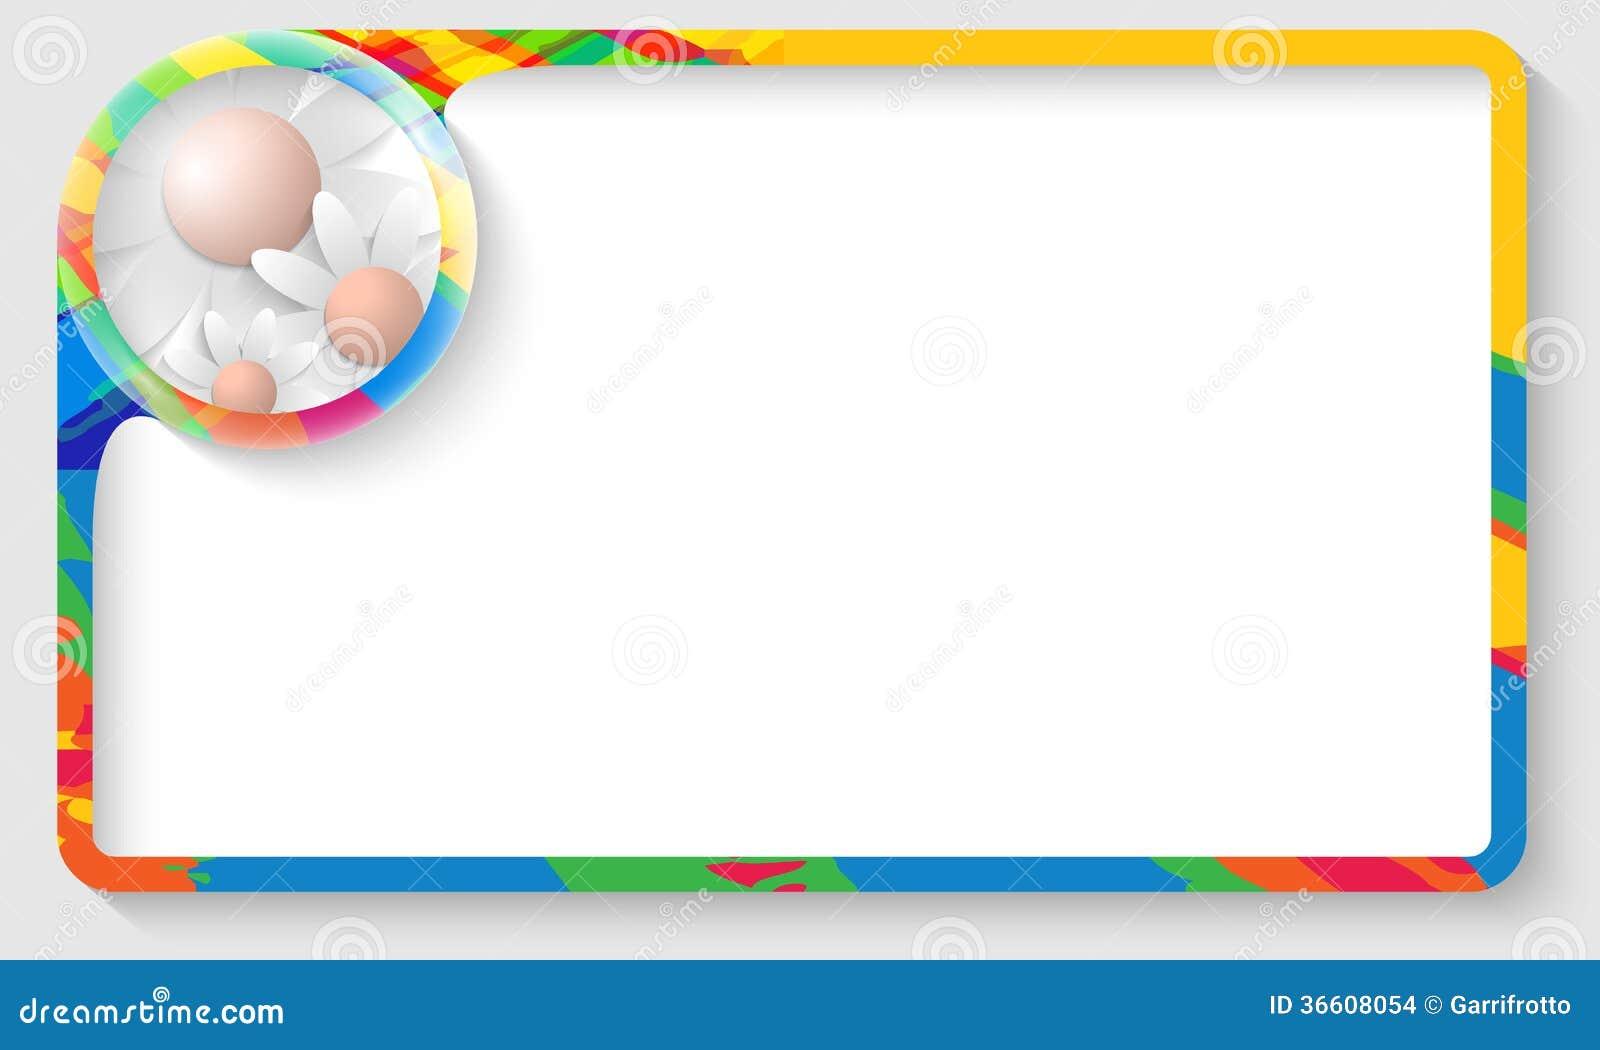 Cornice di testo colorata con i fiori immagini stock for Cornici per foto colorate